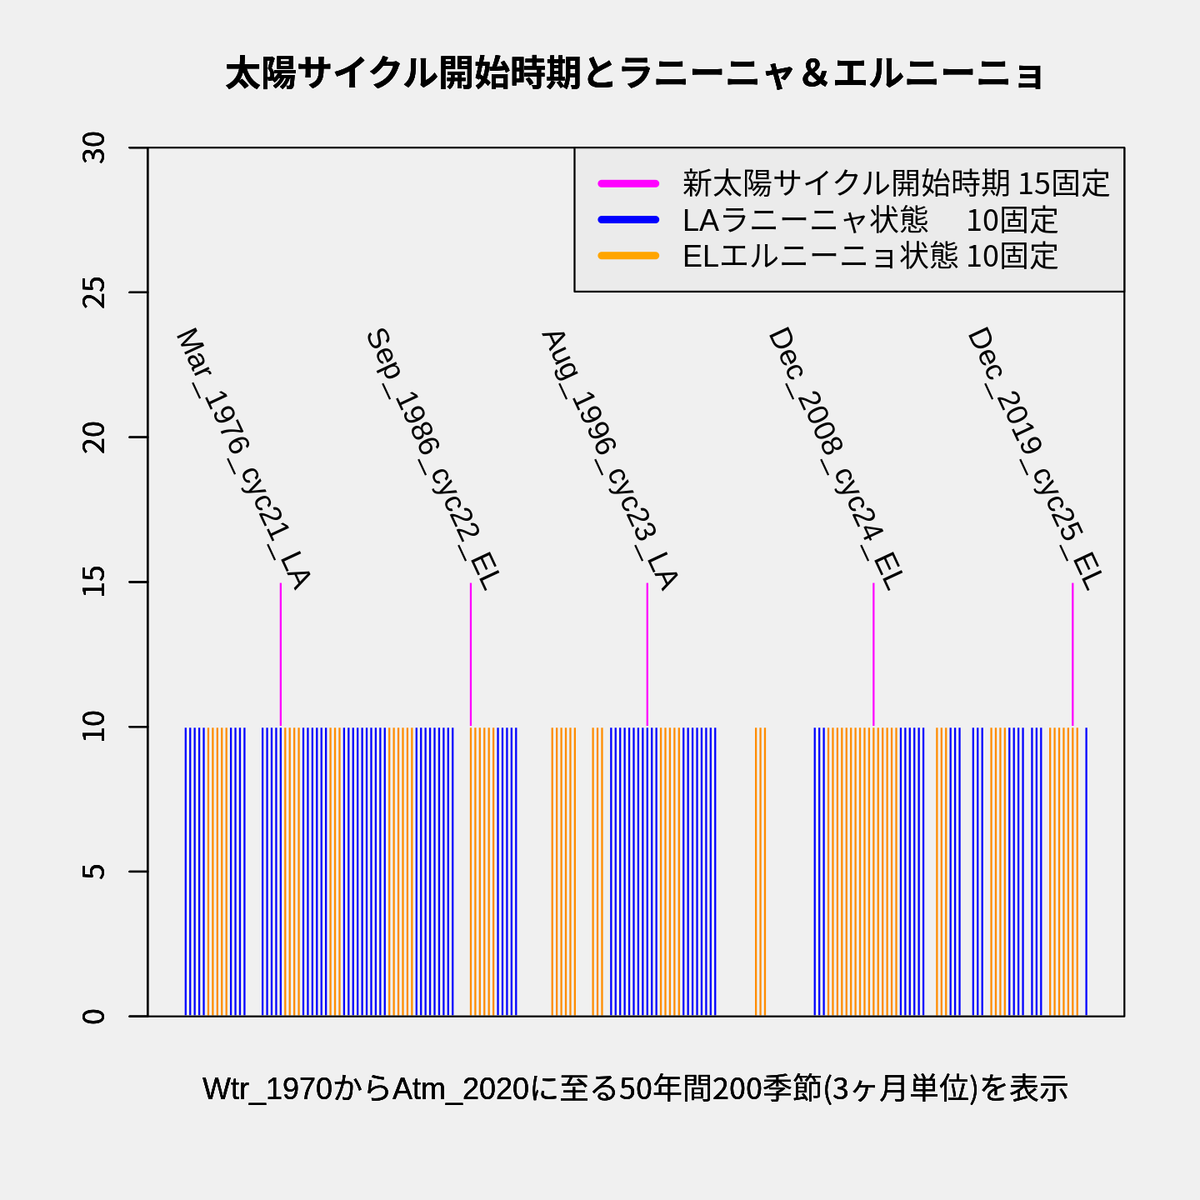 f:id:yoshihide-sugiura:20210130155107p:plain